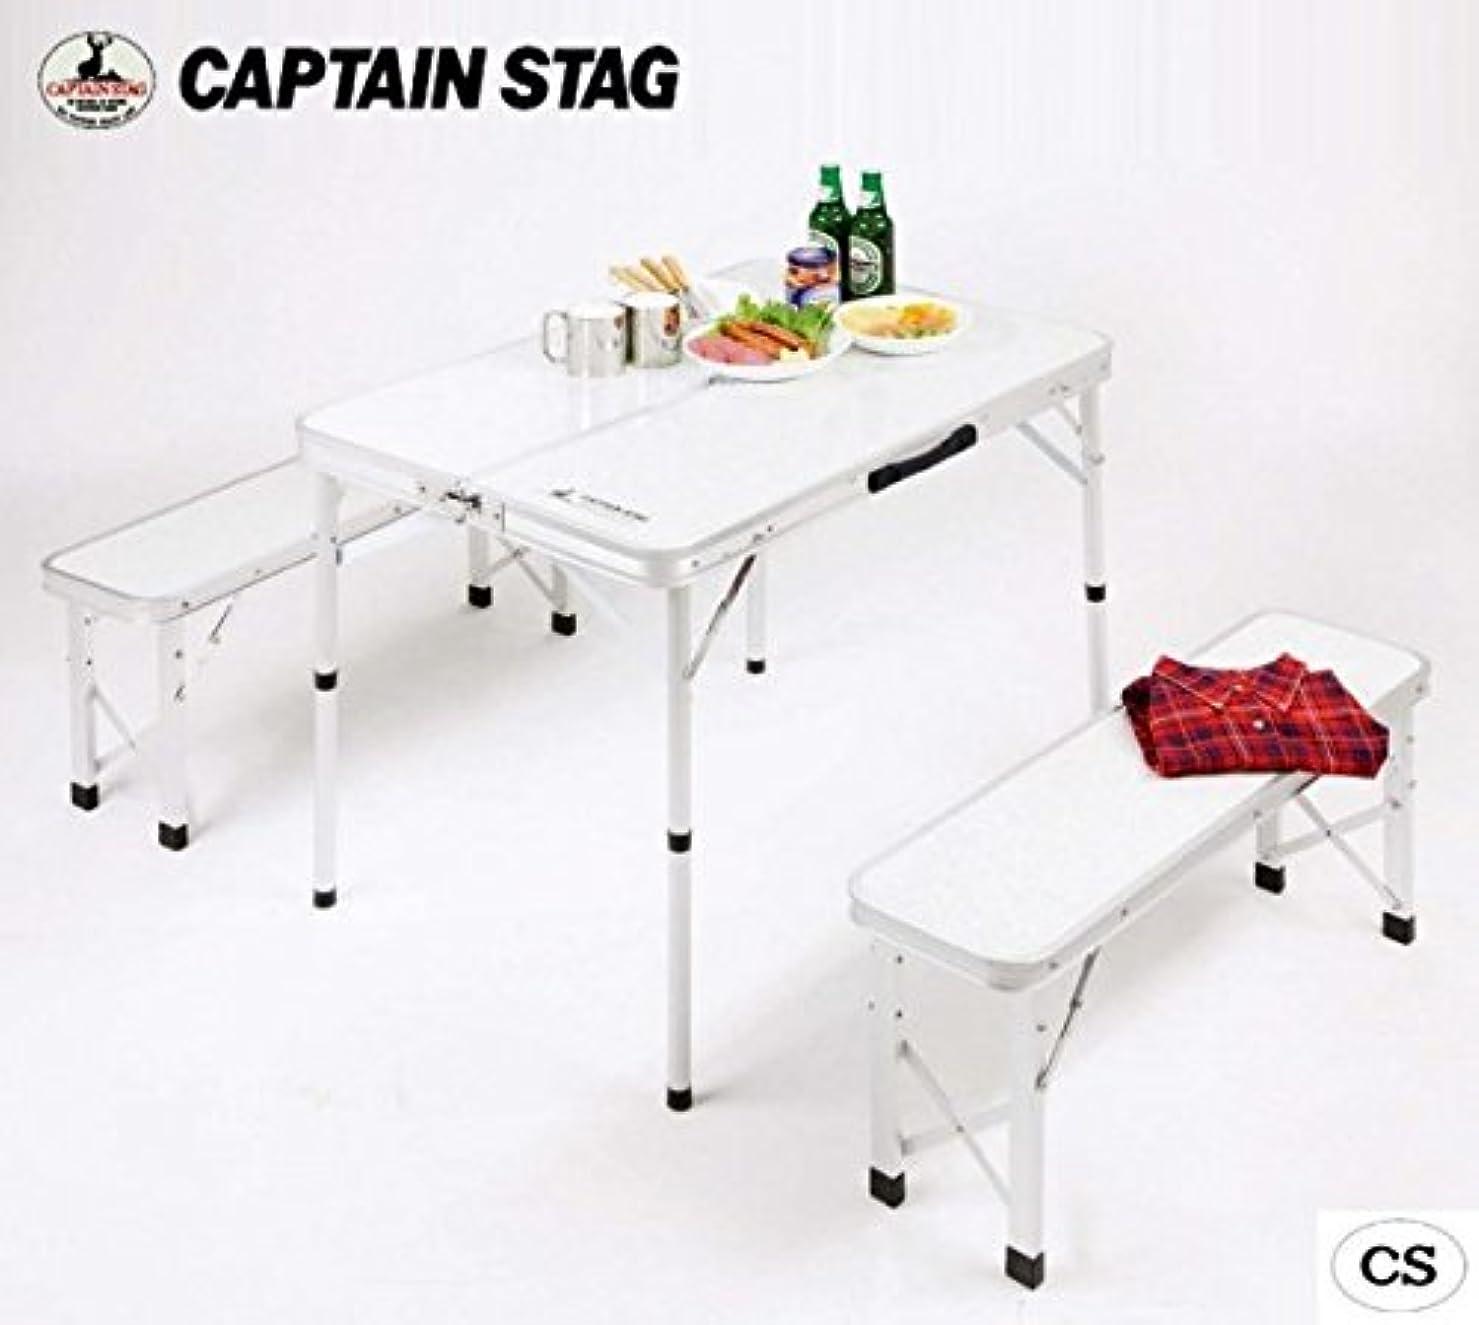 CAPTAIN STAG ラフォーレ ベンチインテーブルセット UC-0005